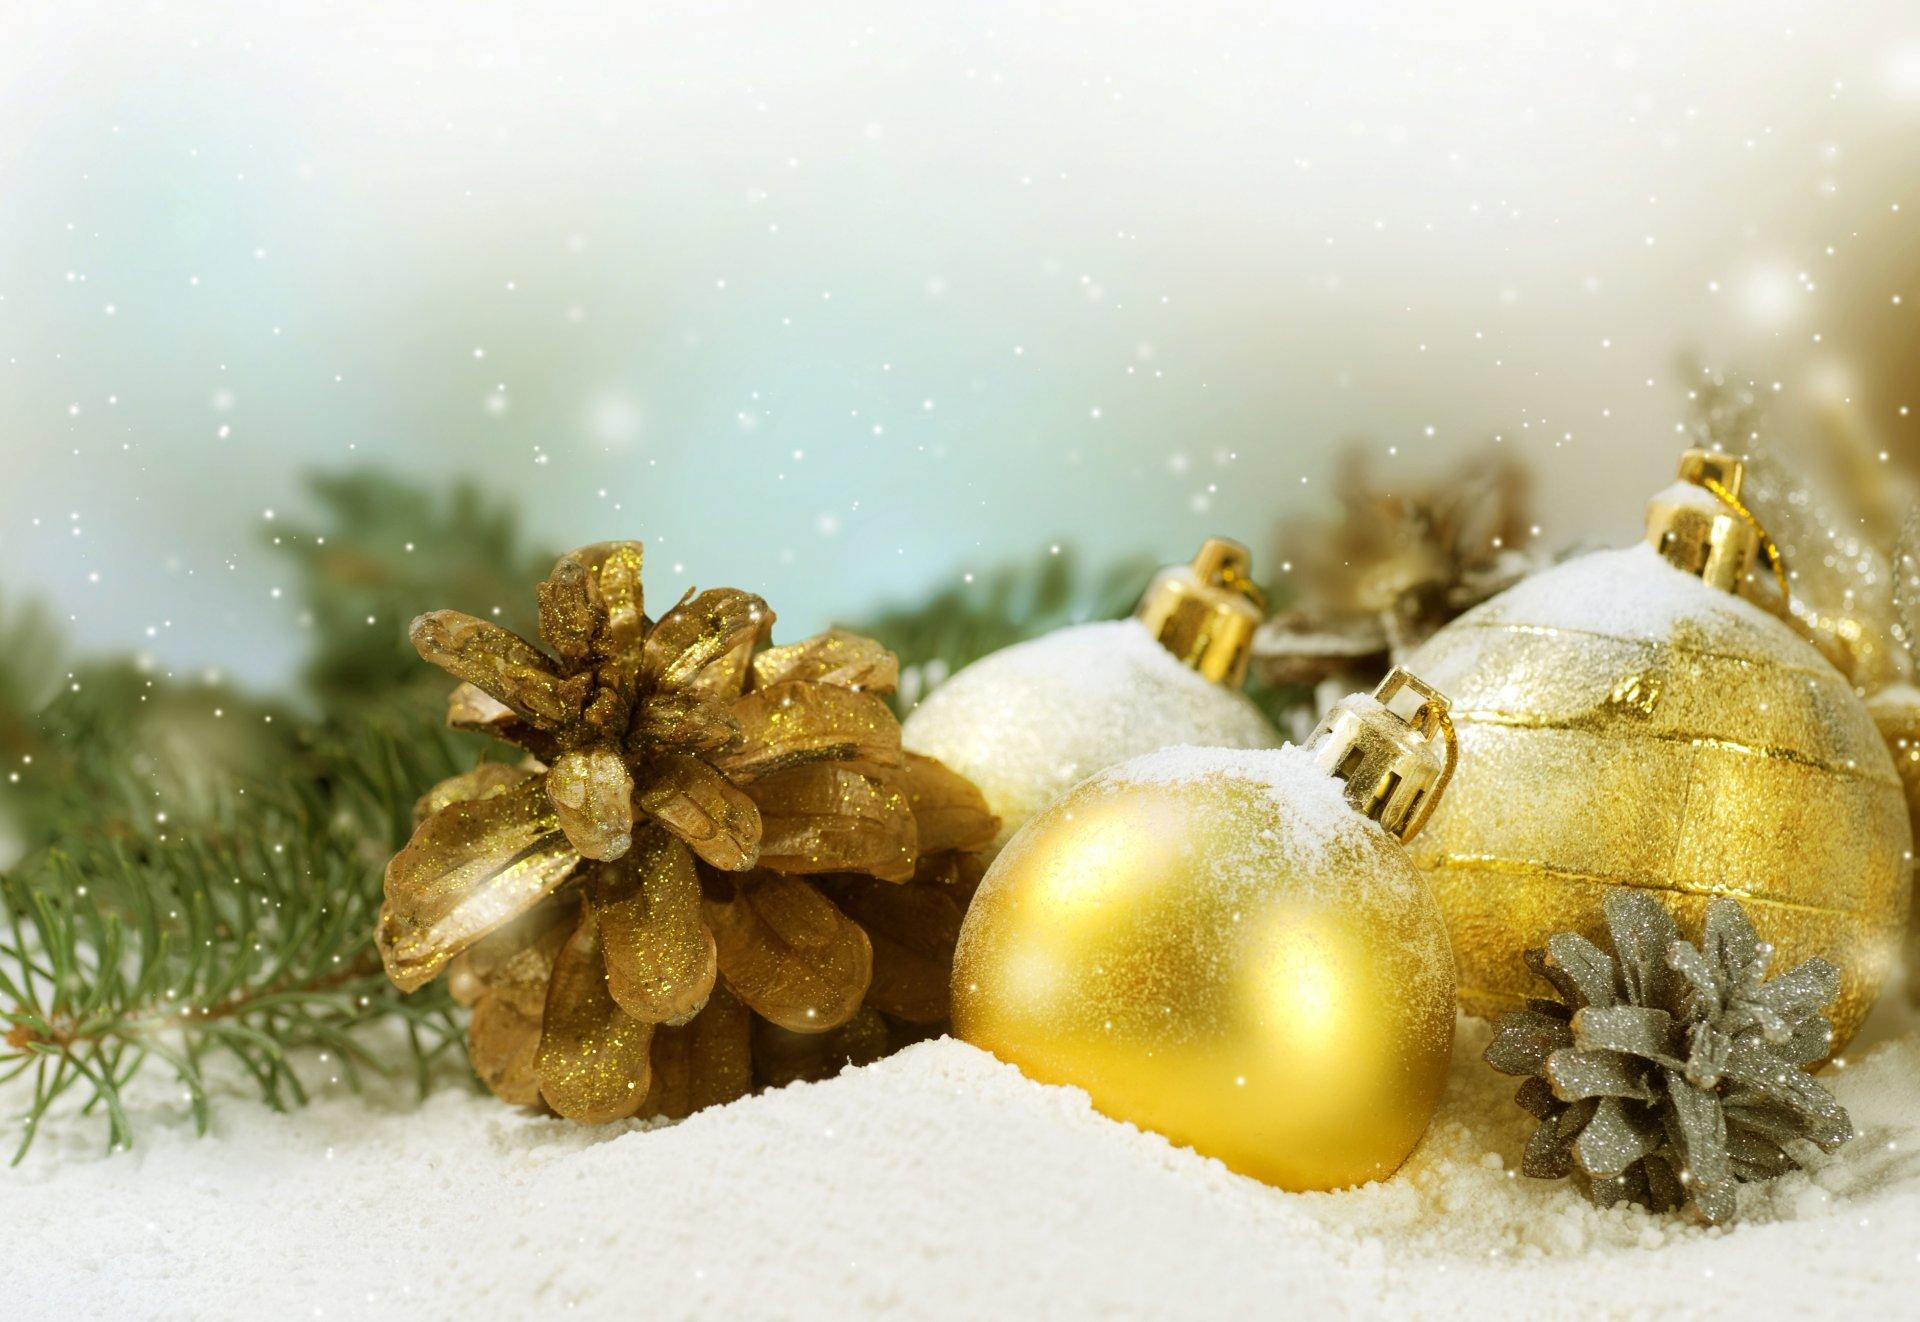 картинки для экрана зима новый год был воспитан